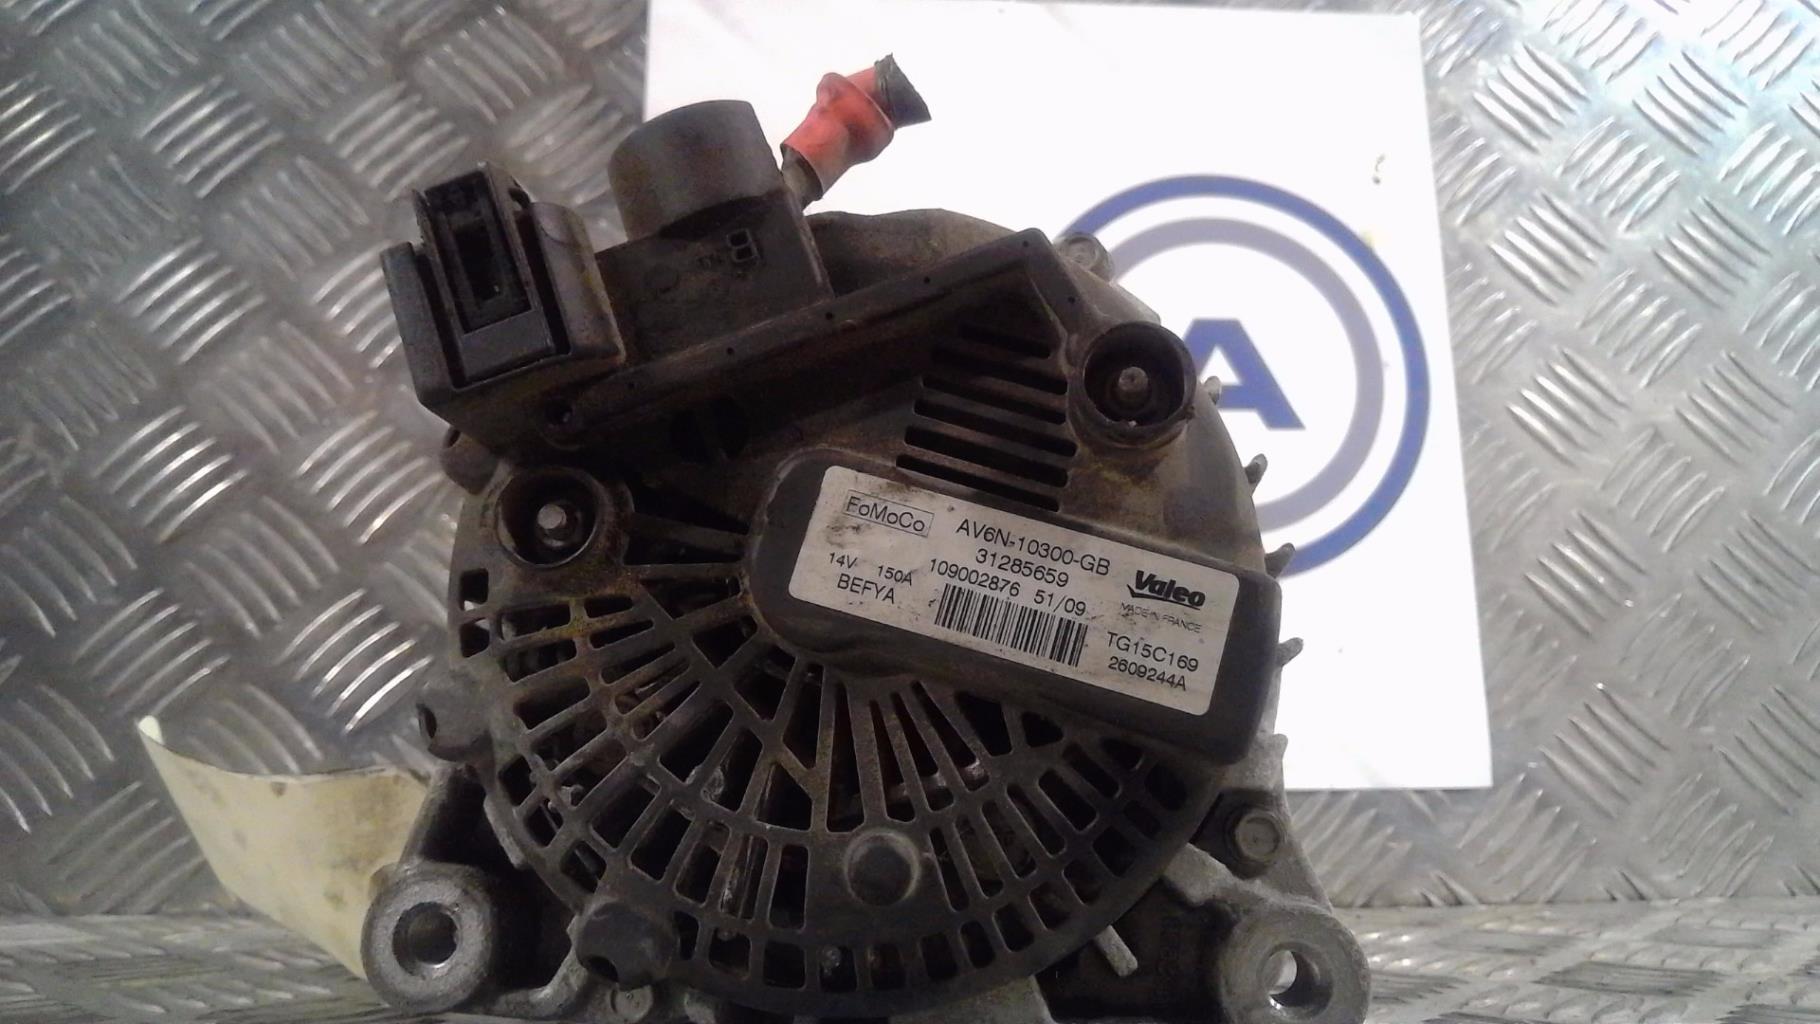 VAN 1.3 1.25 16 V ab Bj Générateur Alternateur 90 A Ford Fiesta VI 2001